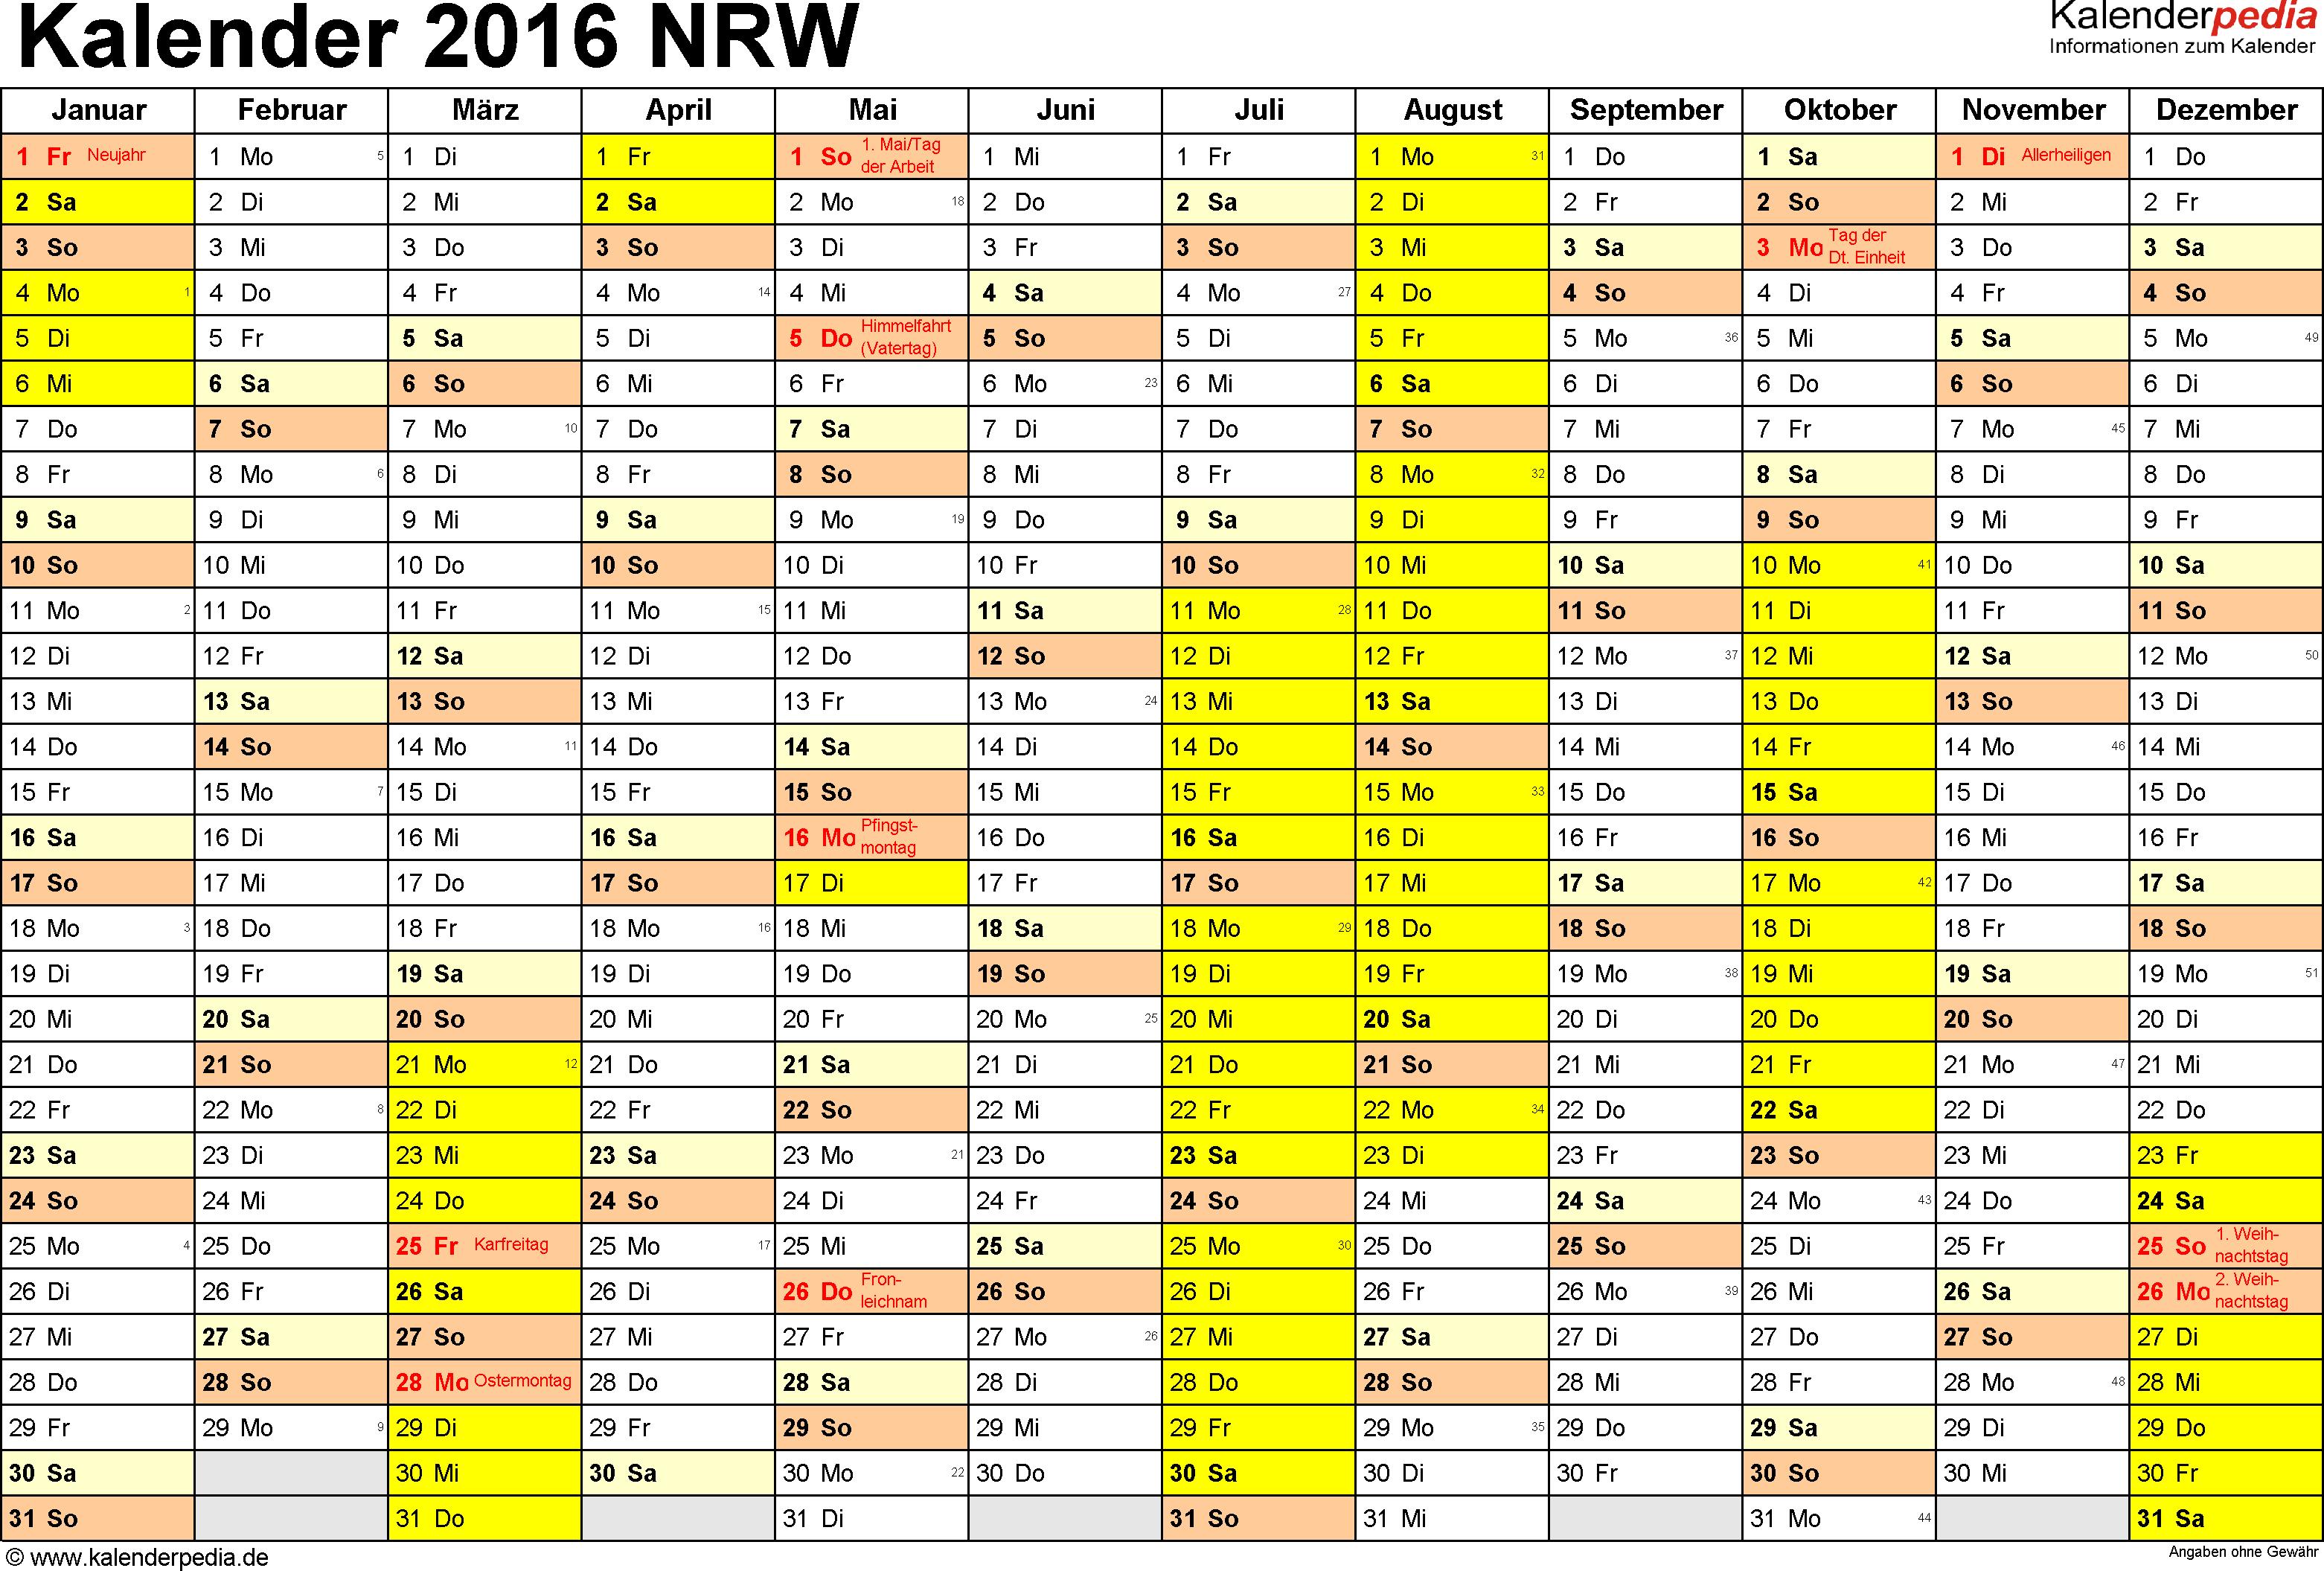 Vorlage 1: Kalender 2016 für Nordrhein-Westfalen (NRW) als Excel-Vorlage (Querformat, 1 Seite)